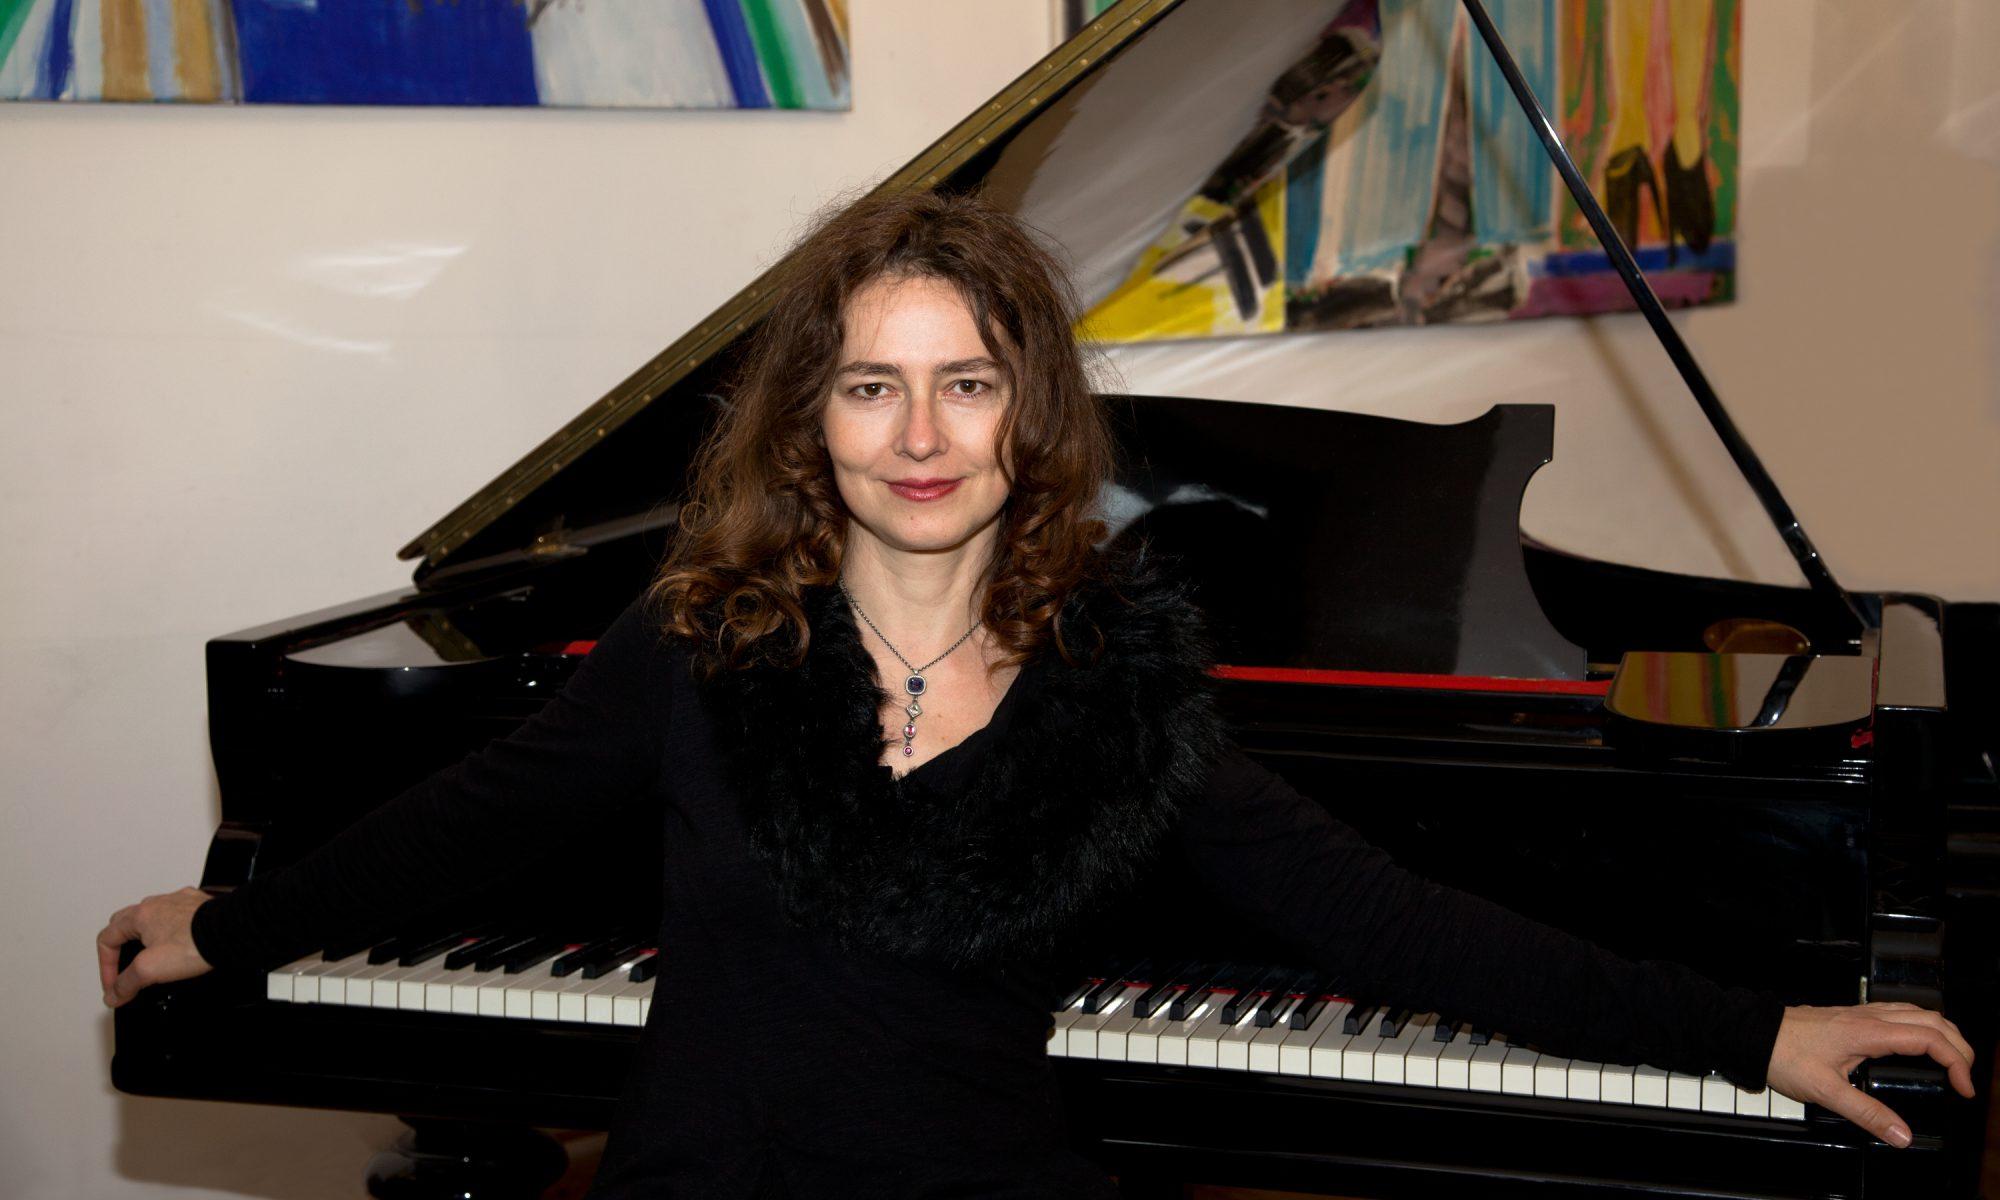 Heidemarie Wiesner